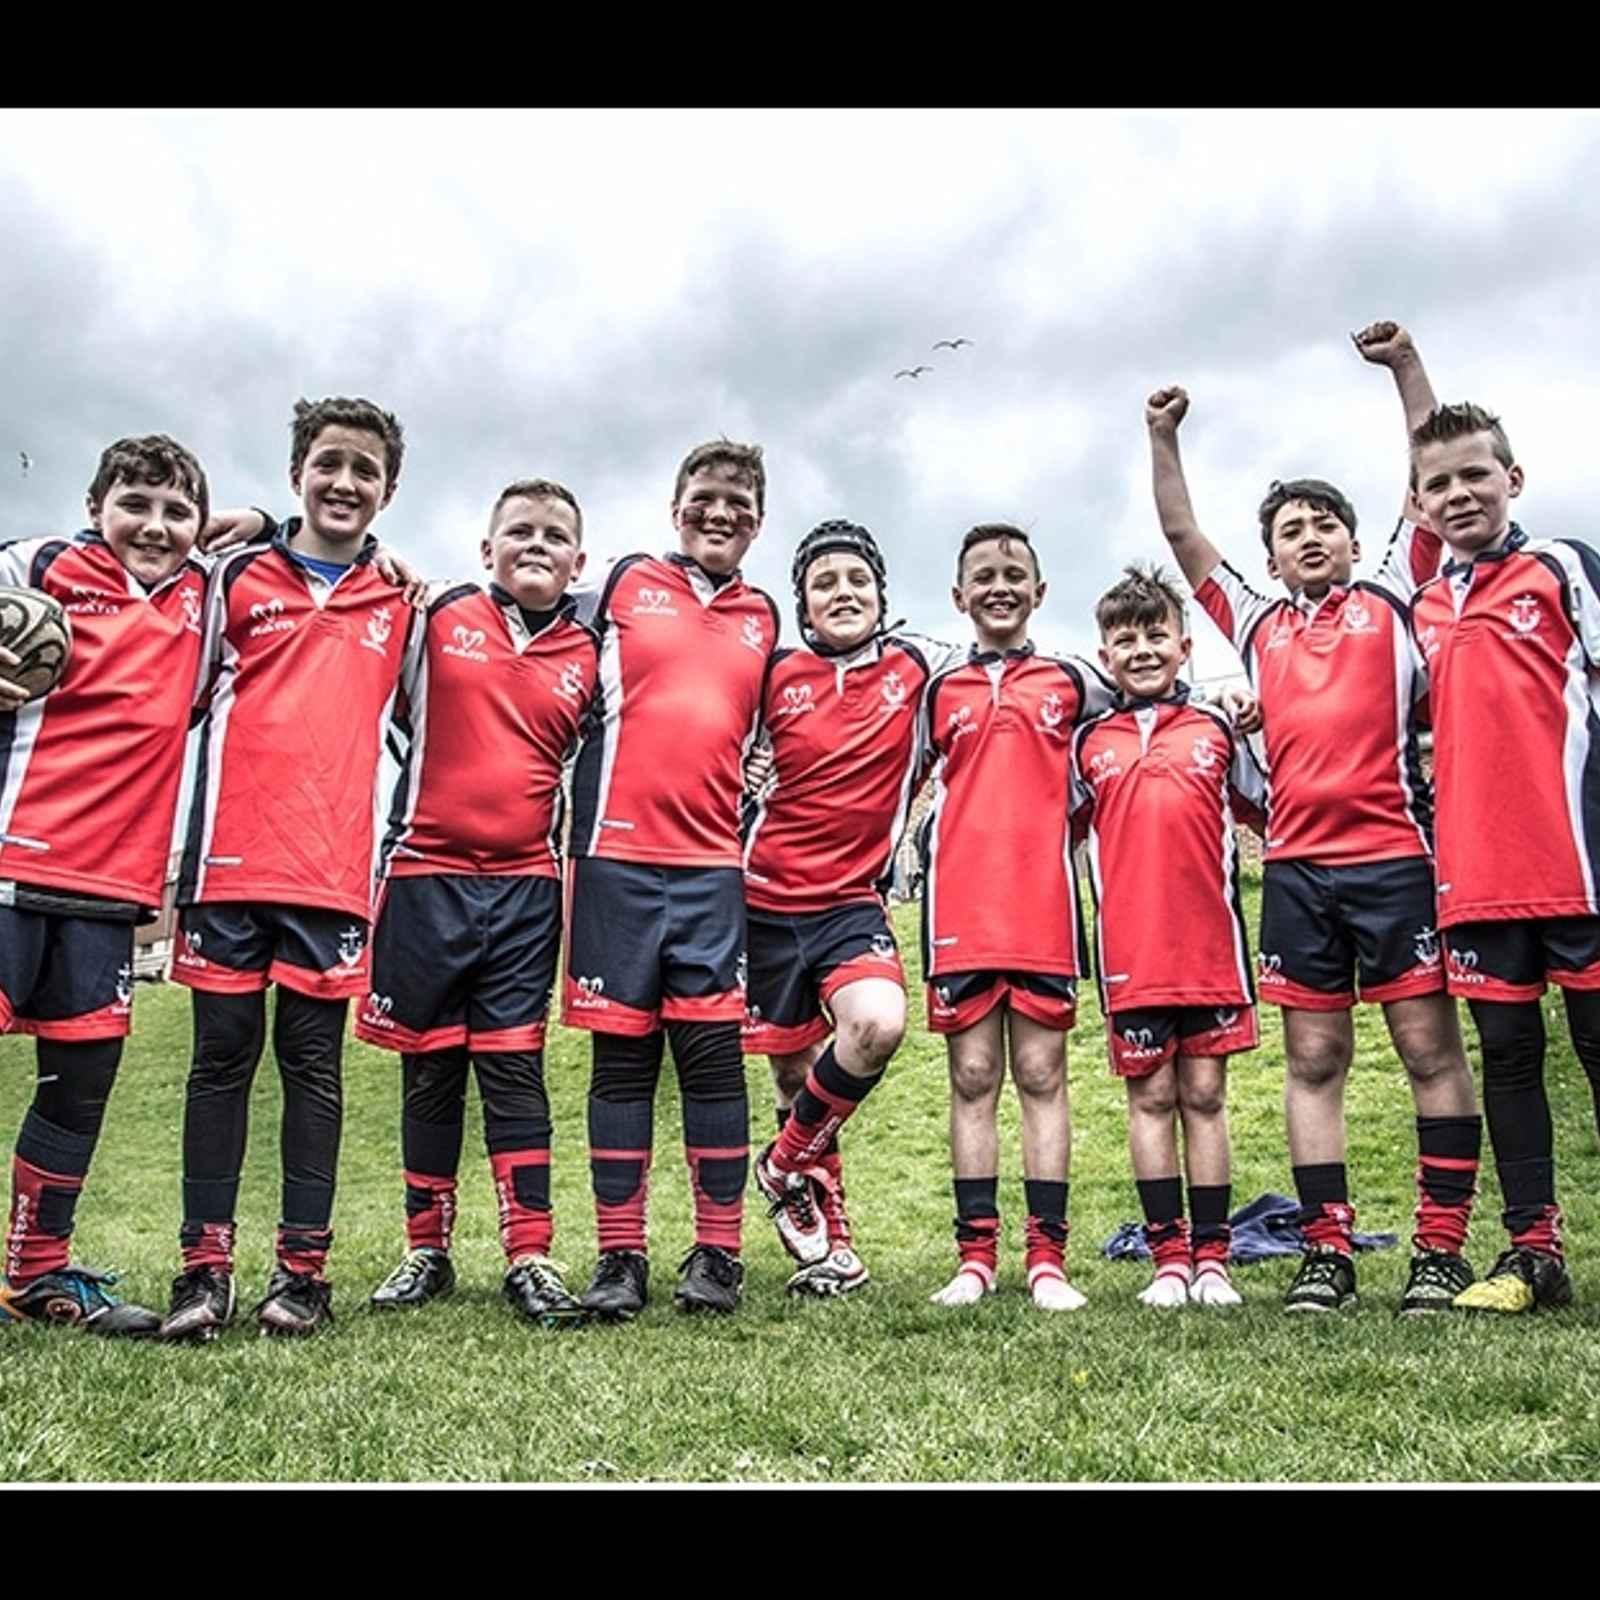 24-04-16 Seaford RFC festival and fun day